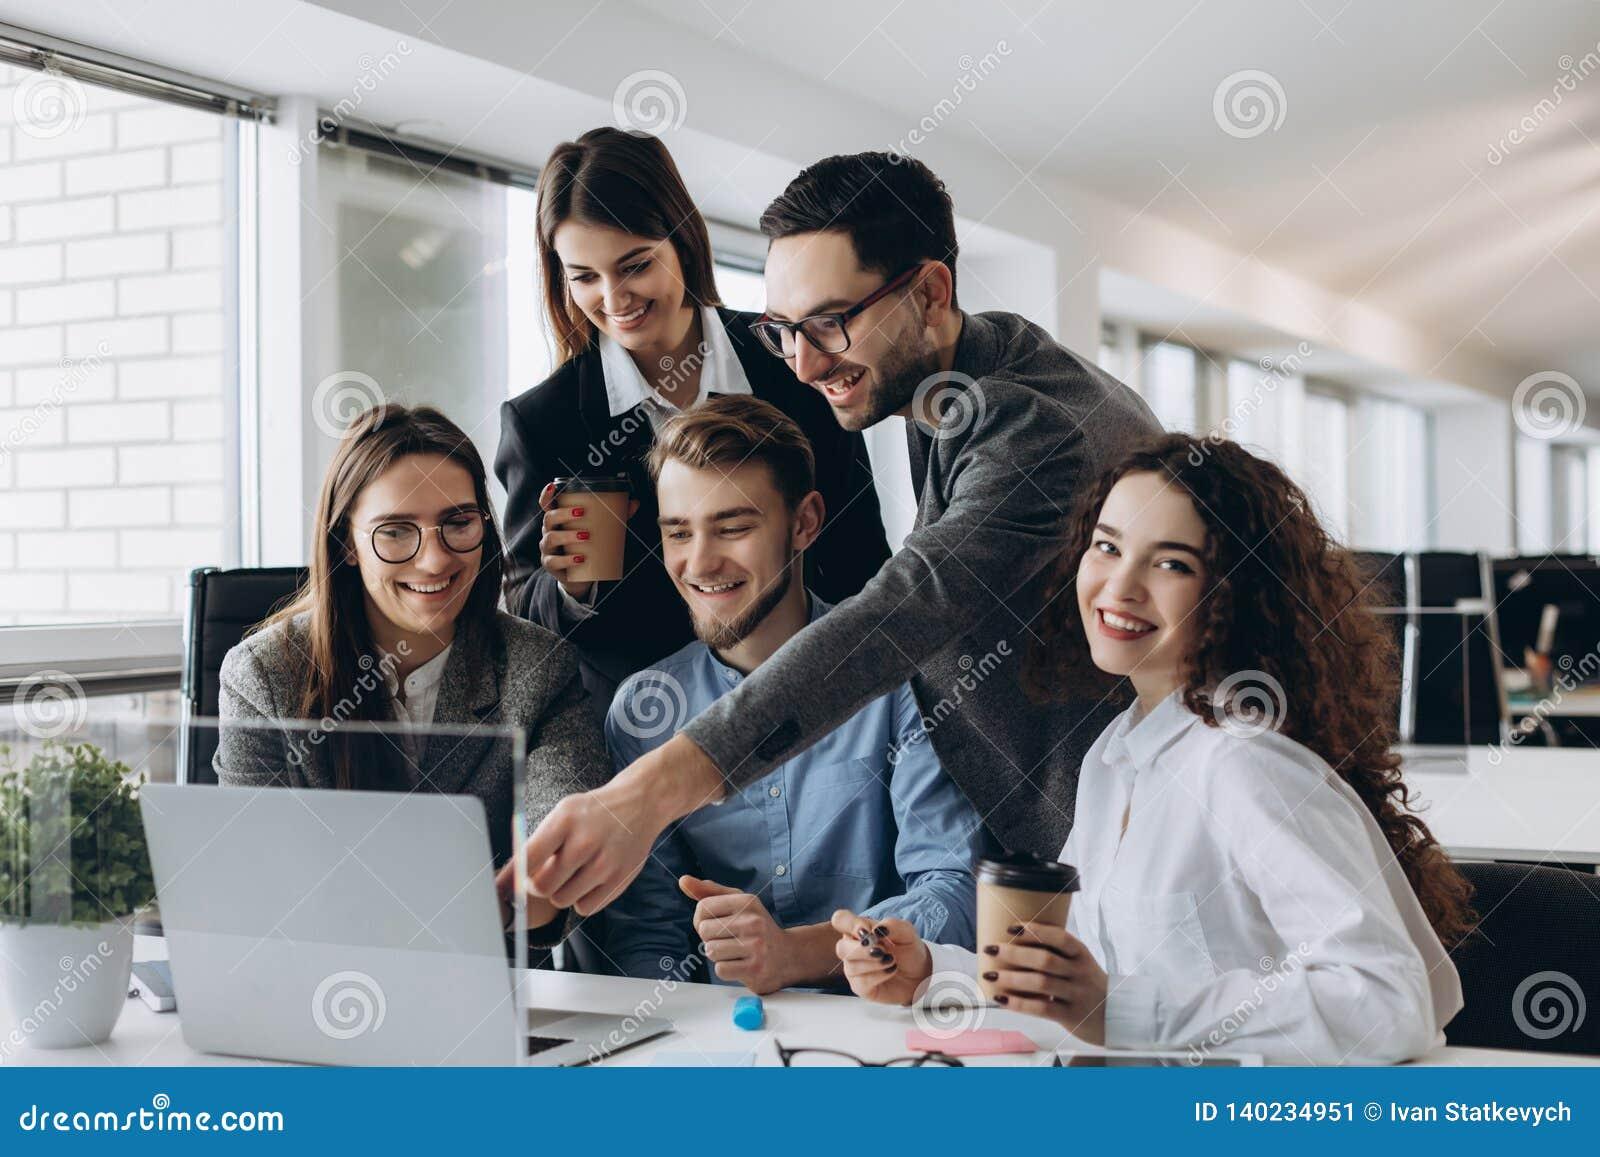 Bedrijfsberoeps Groep jonge zekere bedrijfsmensen die gegevens analyseren die computer met behulp van terwijl het doorbrengen van